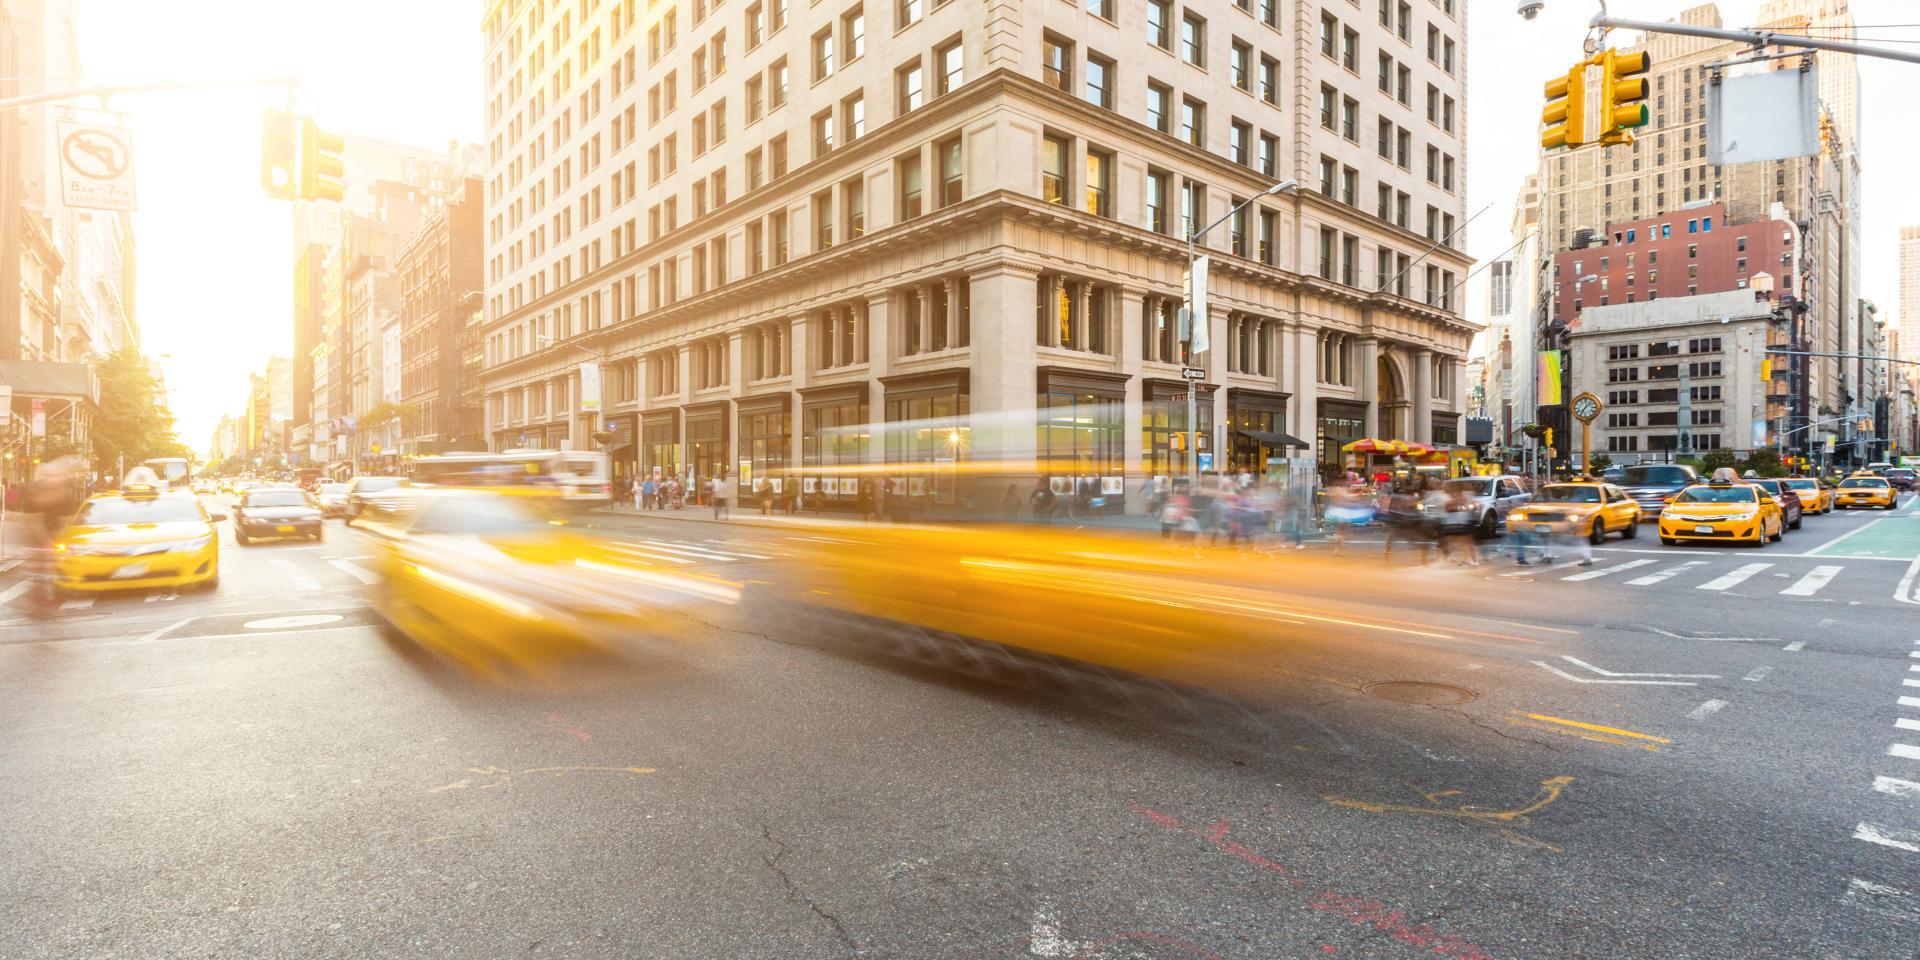 ▷ Compras en Nueva York: Guía completa de tiendas y outlets